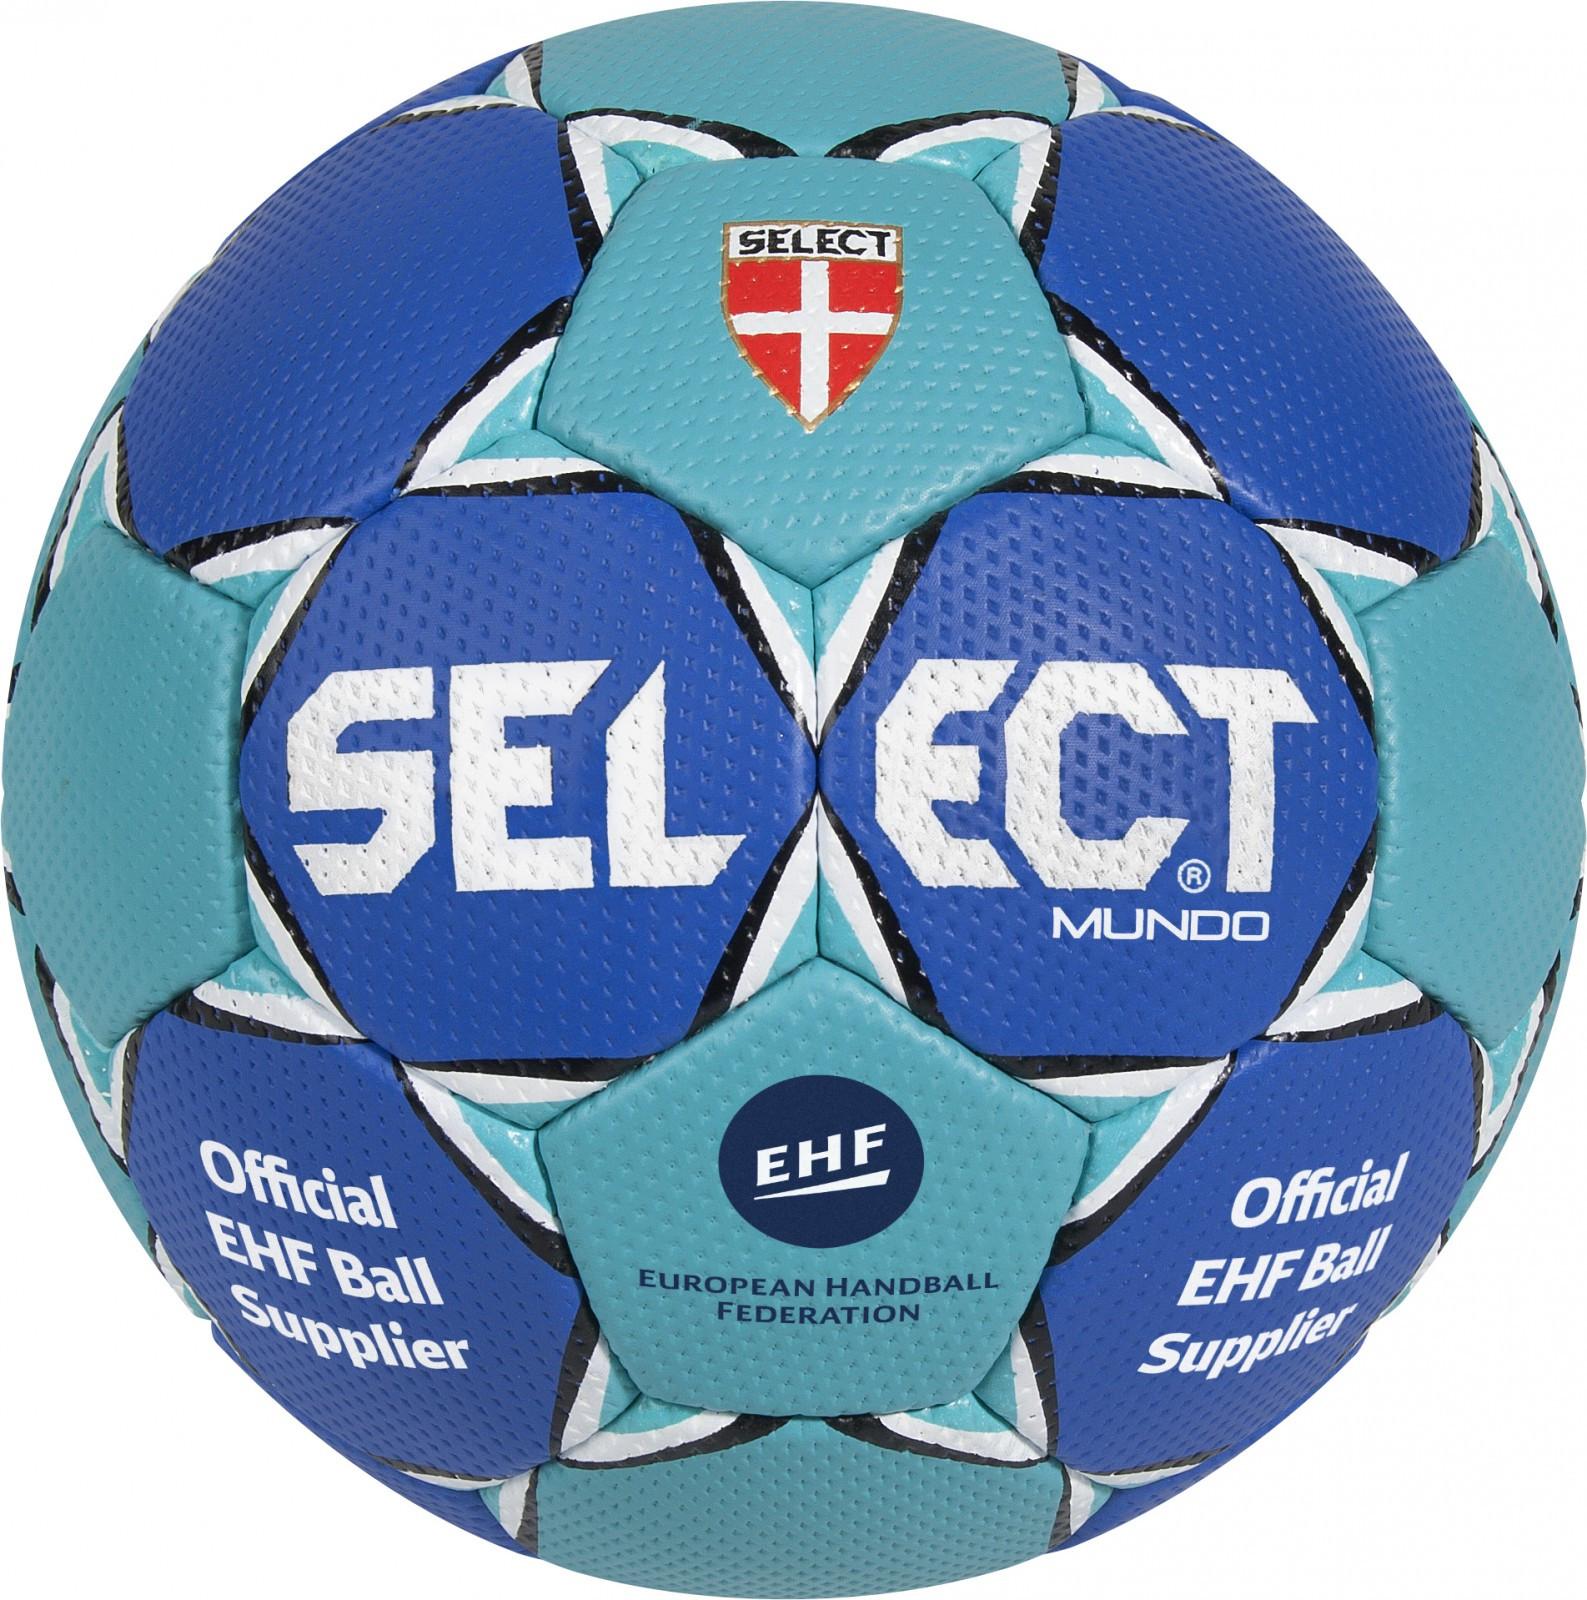 Select Mundo Blau Türkis Einzelne Artikel Handball